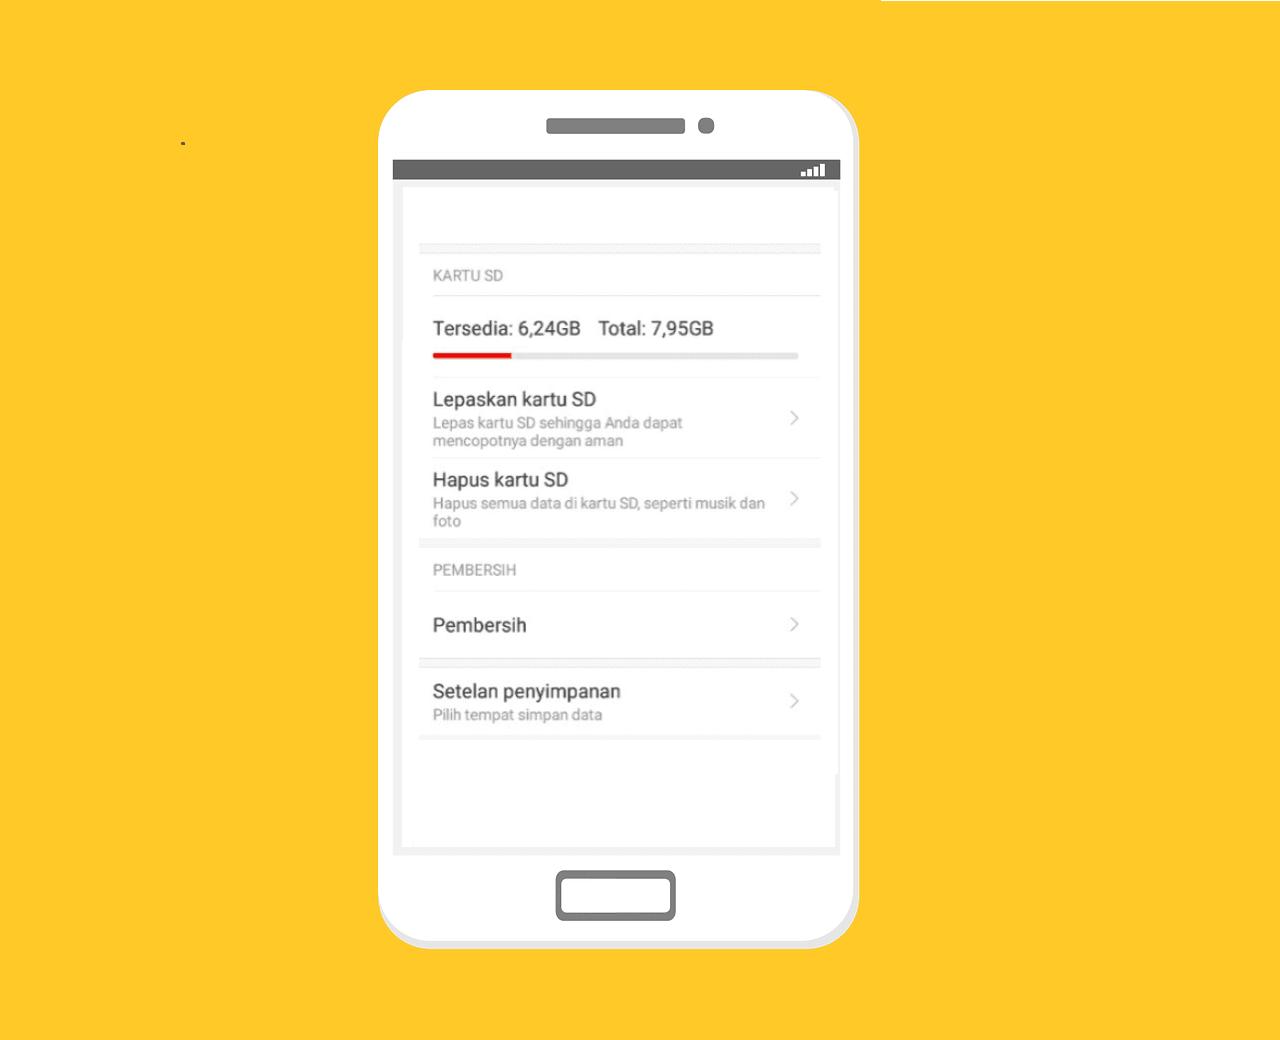 Efeknya kita jadi tak dapat membuka aplikasi tersebut 6 Tutorial Mengatasi WhatsApp Tidak Menanggapi (Android)